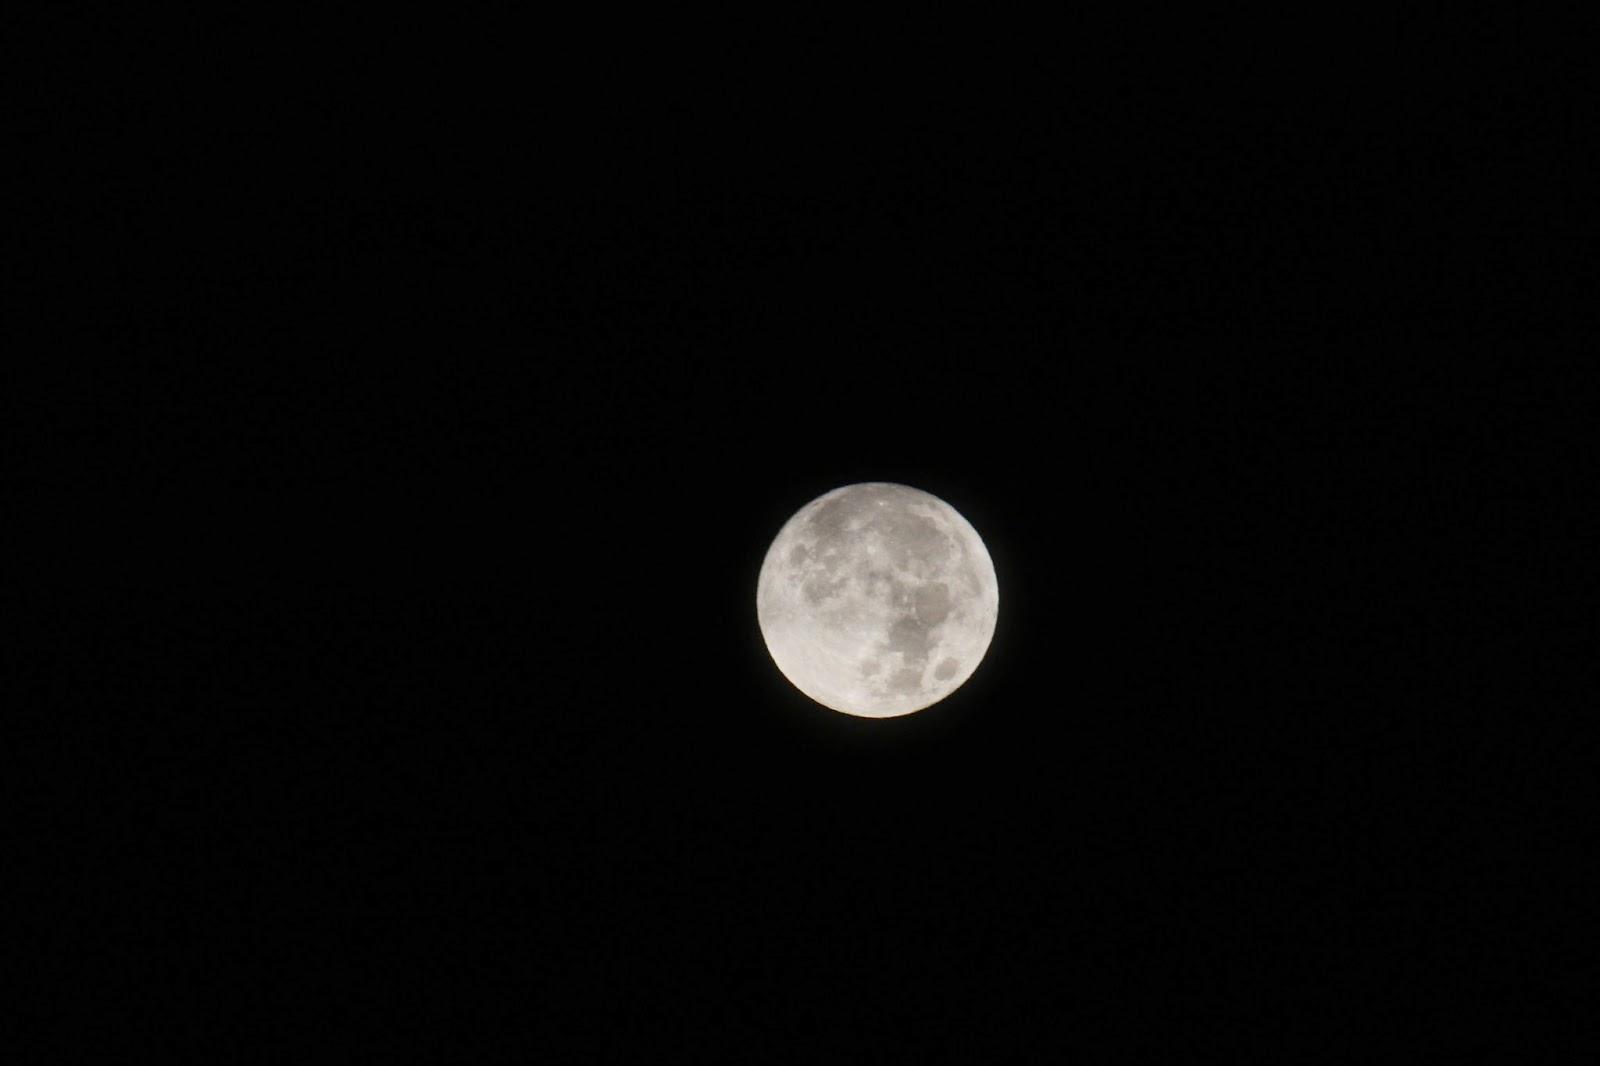 November's full moon